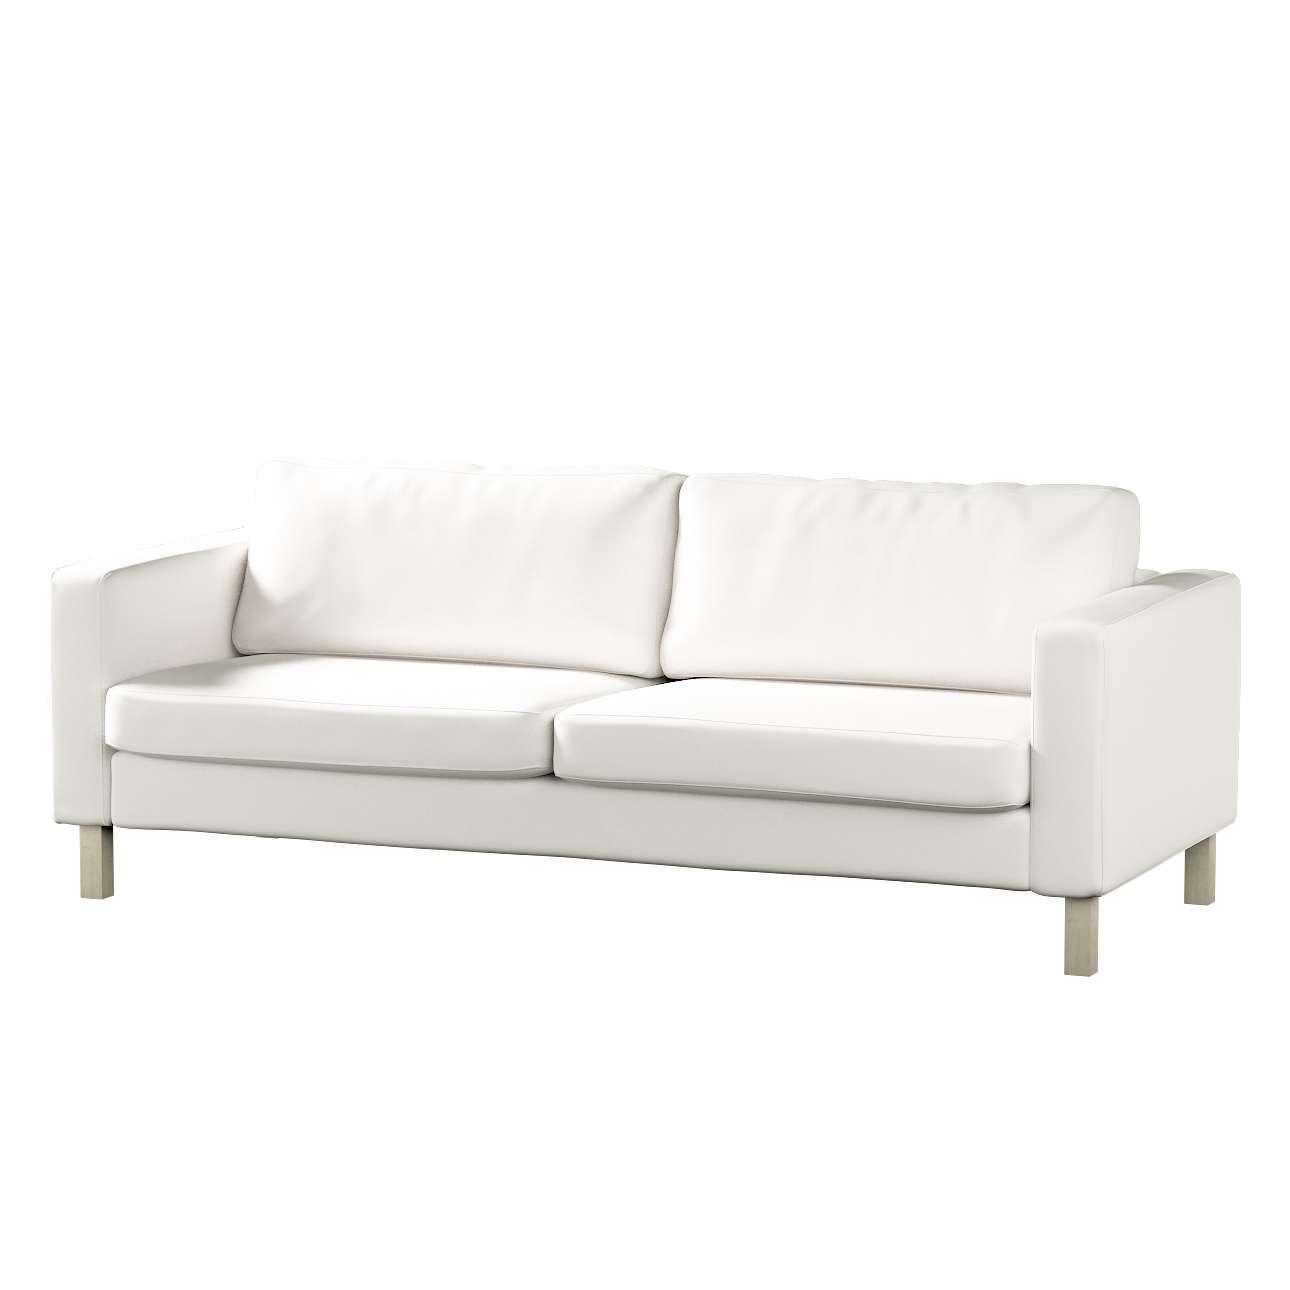 Pokrowiec na sofę Karlstad 3-osobową nierozkładaną, krótki Sofa Karlstad 3-osobowa w kolekcji Cotton Panama, tkanina: 702-34